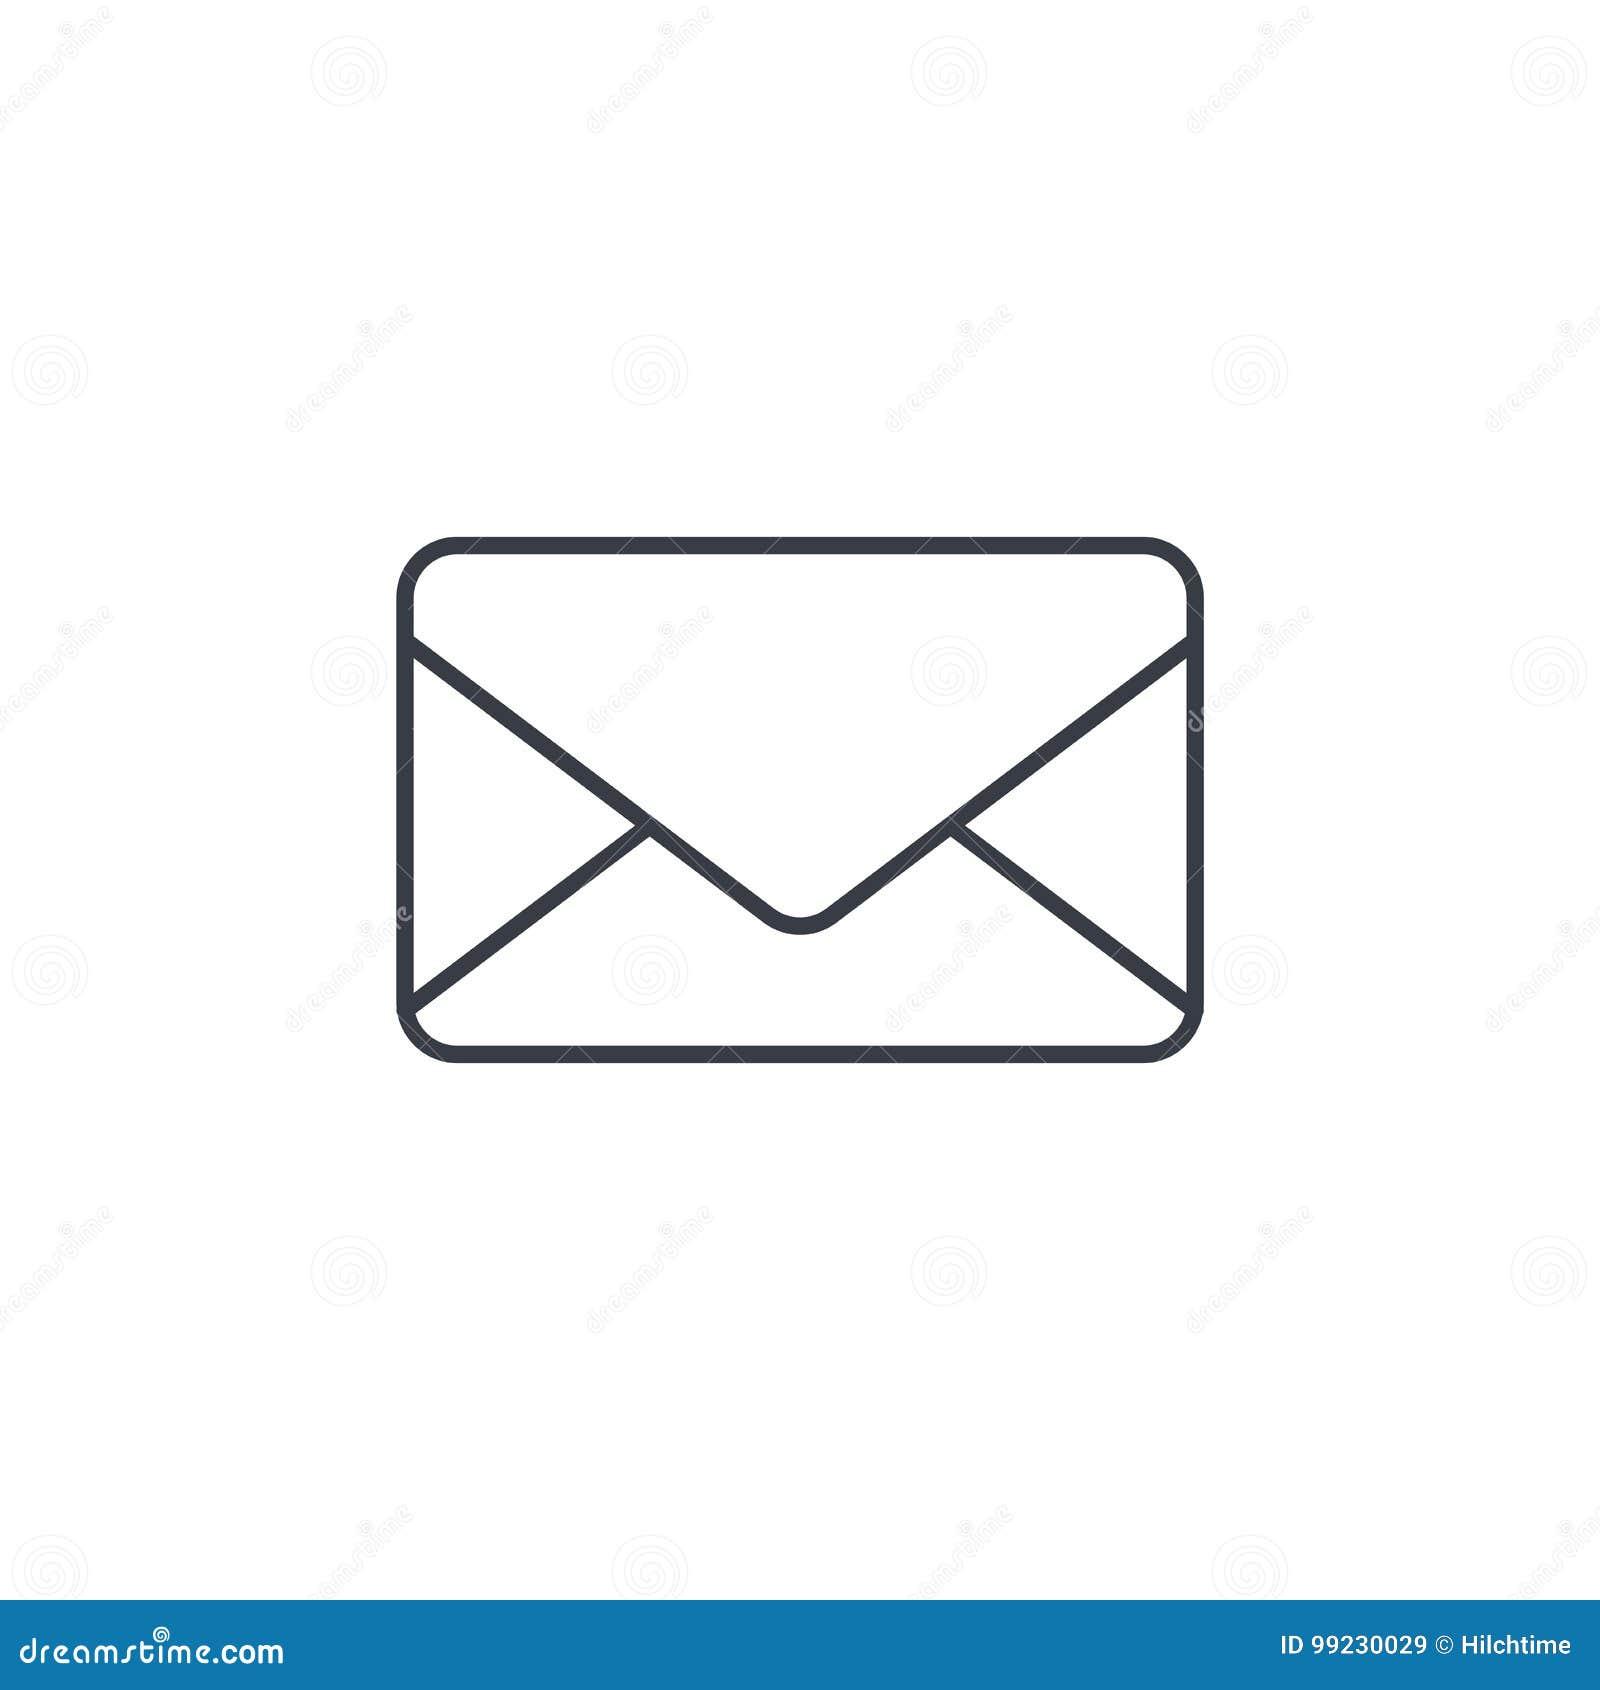 Ο φάκελος, επιστολή ηλεκτρονικού ταχυδρομείου, ταχυδρομεί το λεπτό εικονίδιο γραμμών Γραμμικό διανυσματικό σύμβολο